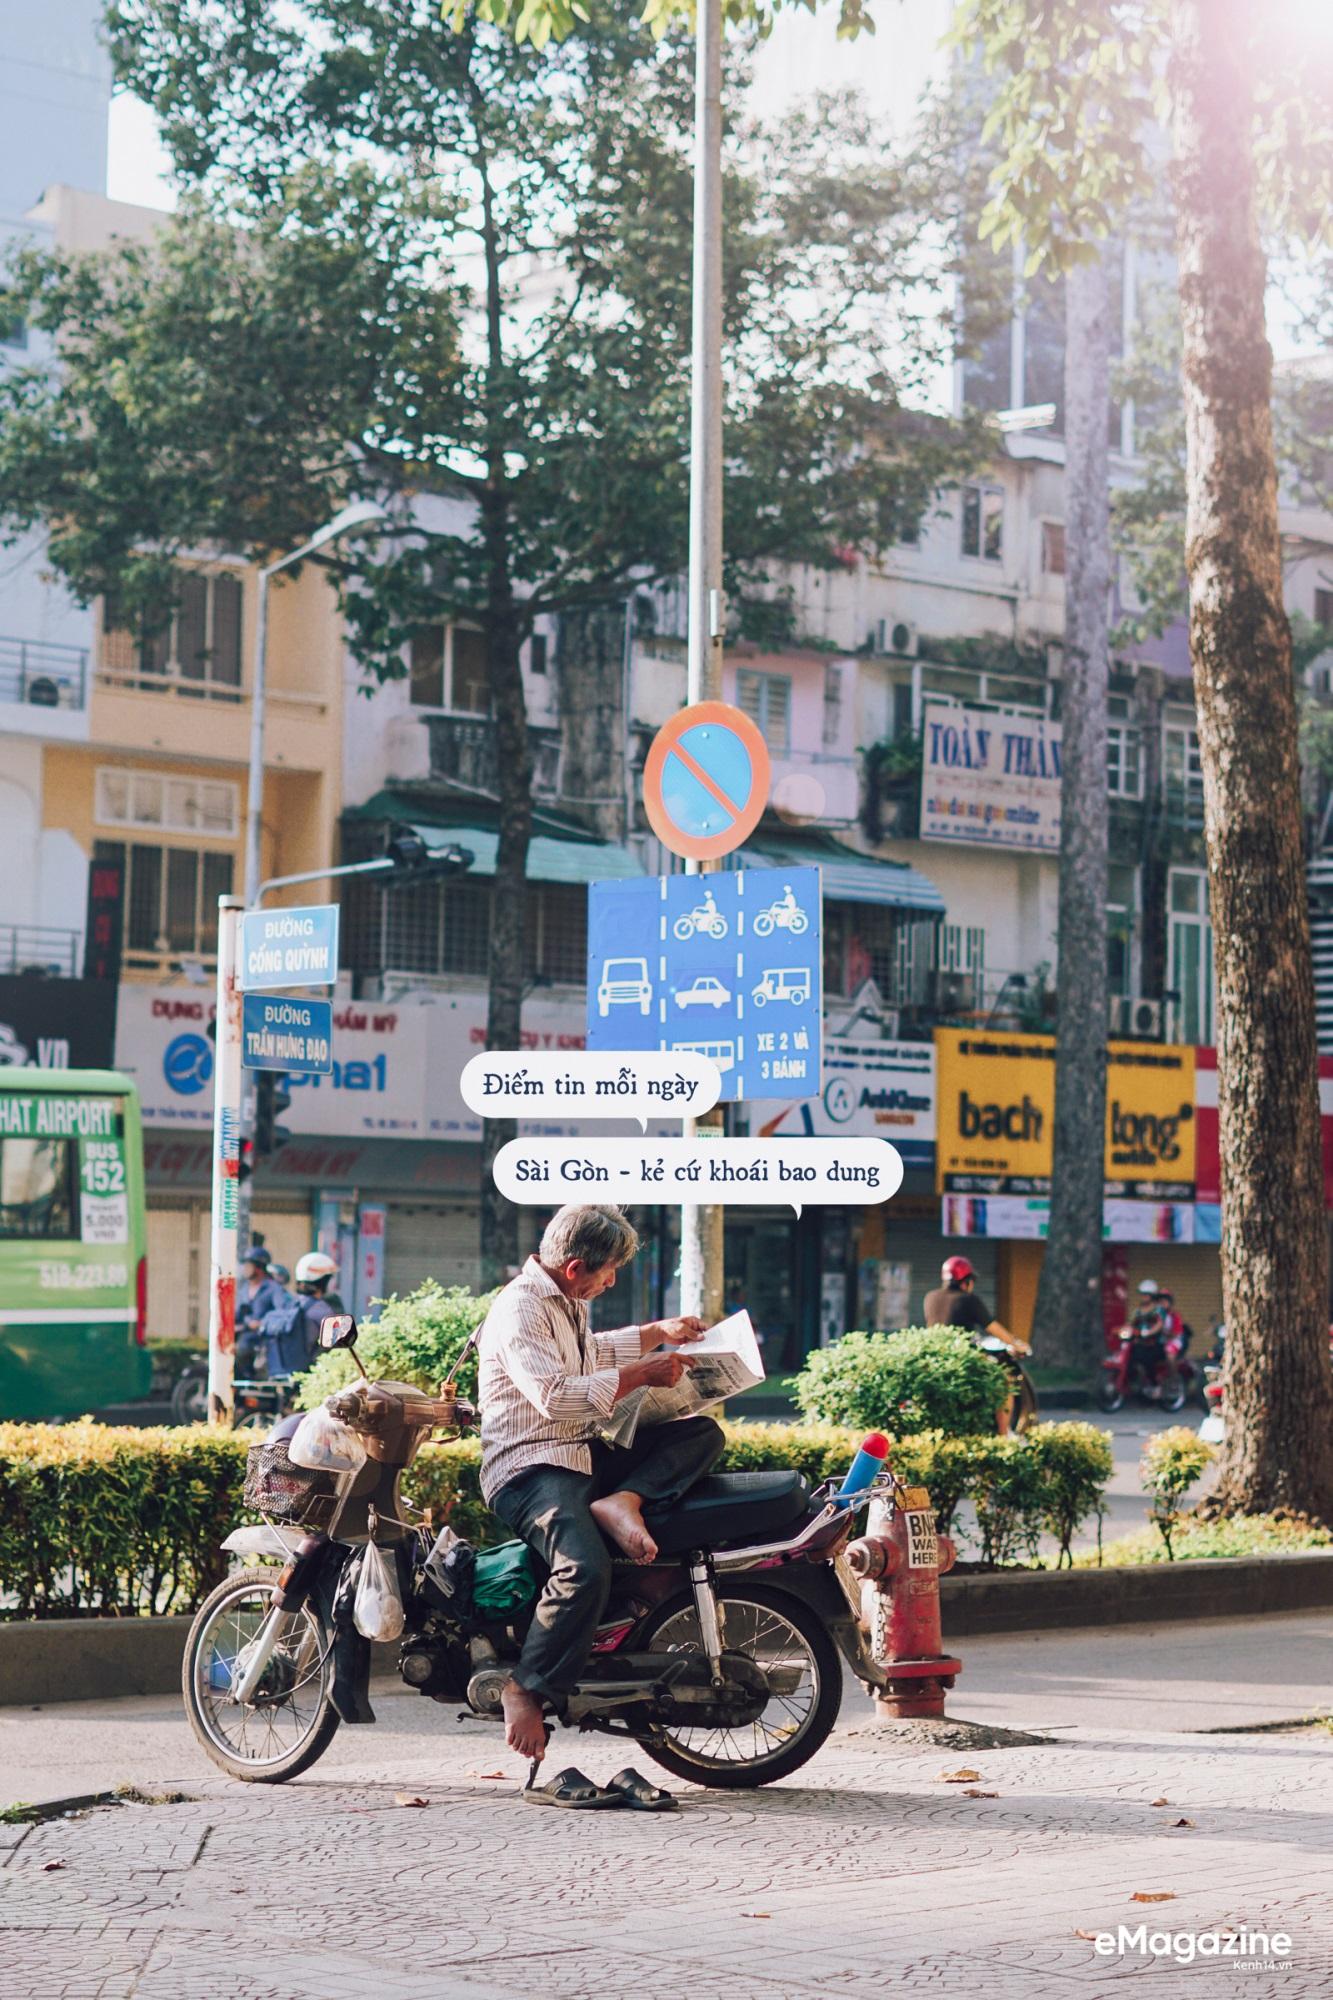 Sài Gòn thiệt thương: Nơi ta để lại tuổi trẻ nhiều nhất, đó sẽ là nơi bình yên nhất - Ảnh 17